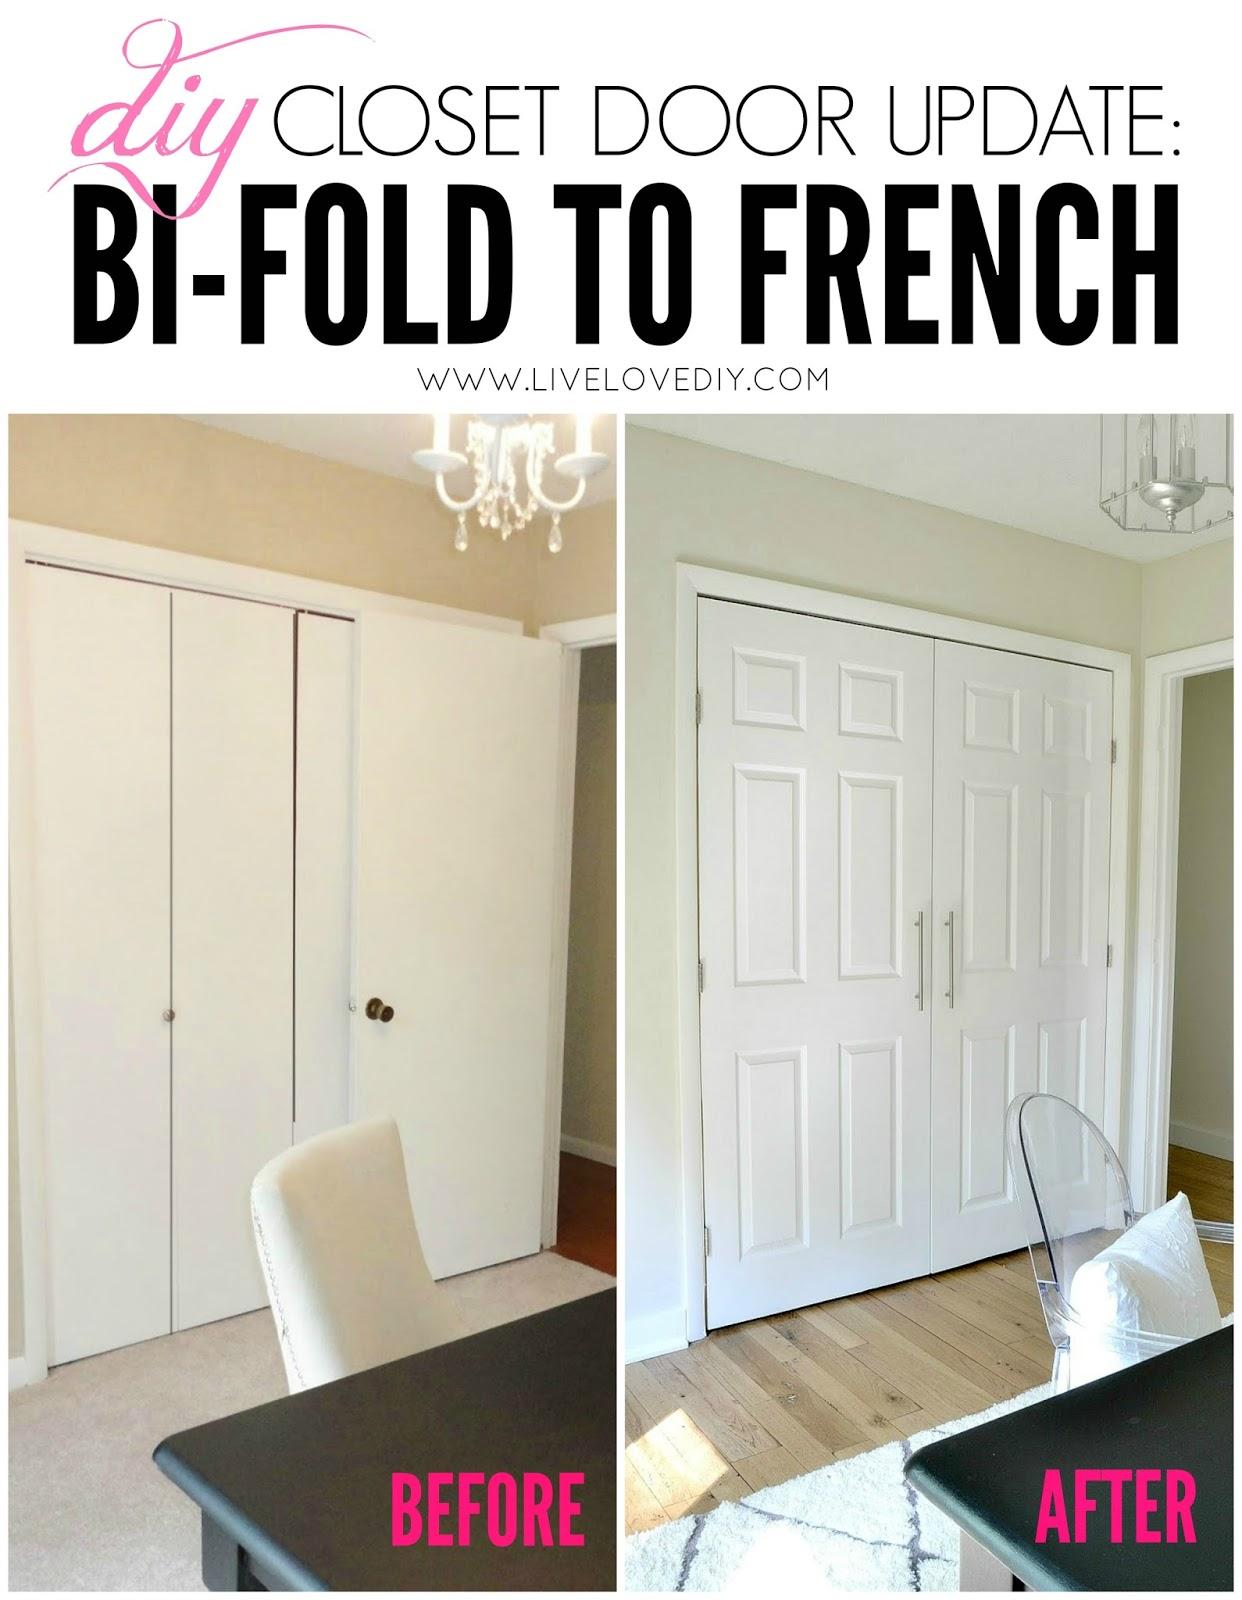 Closet Door Curtains Painting Sliding Doors Alternatives Best Bedroom Closet Doors 1786890 Hd Wallpaper Backgrounds Download